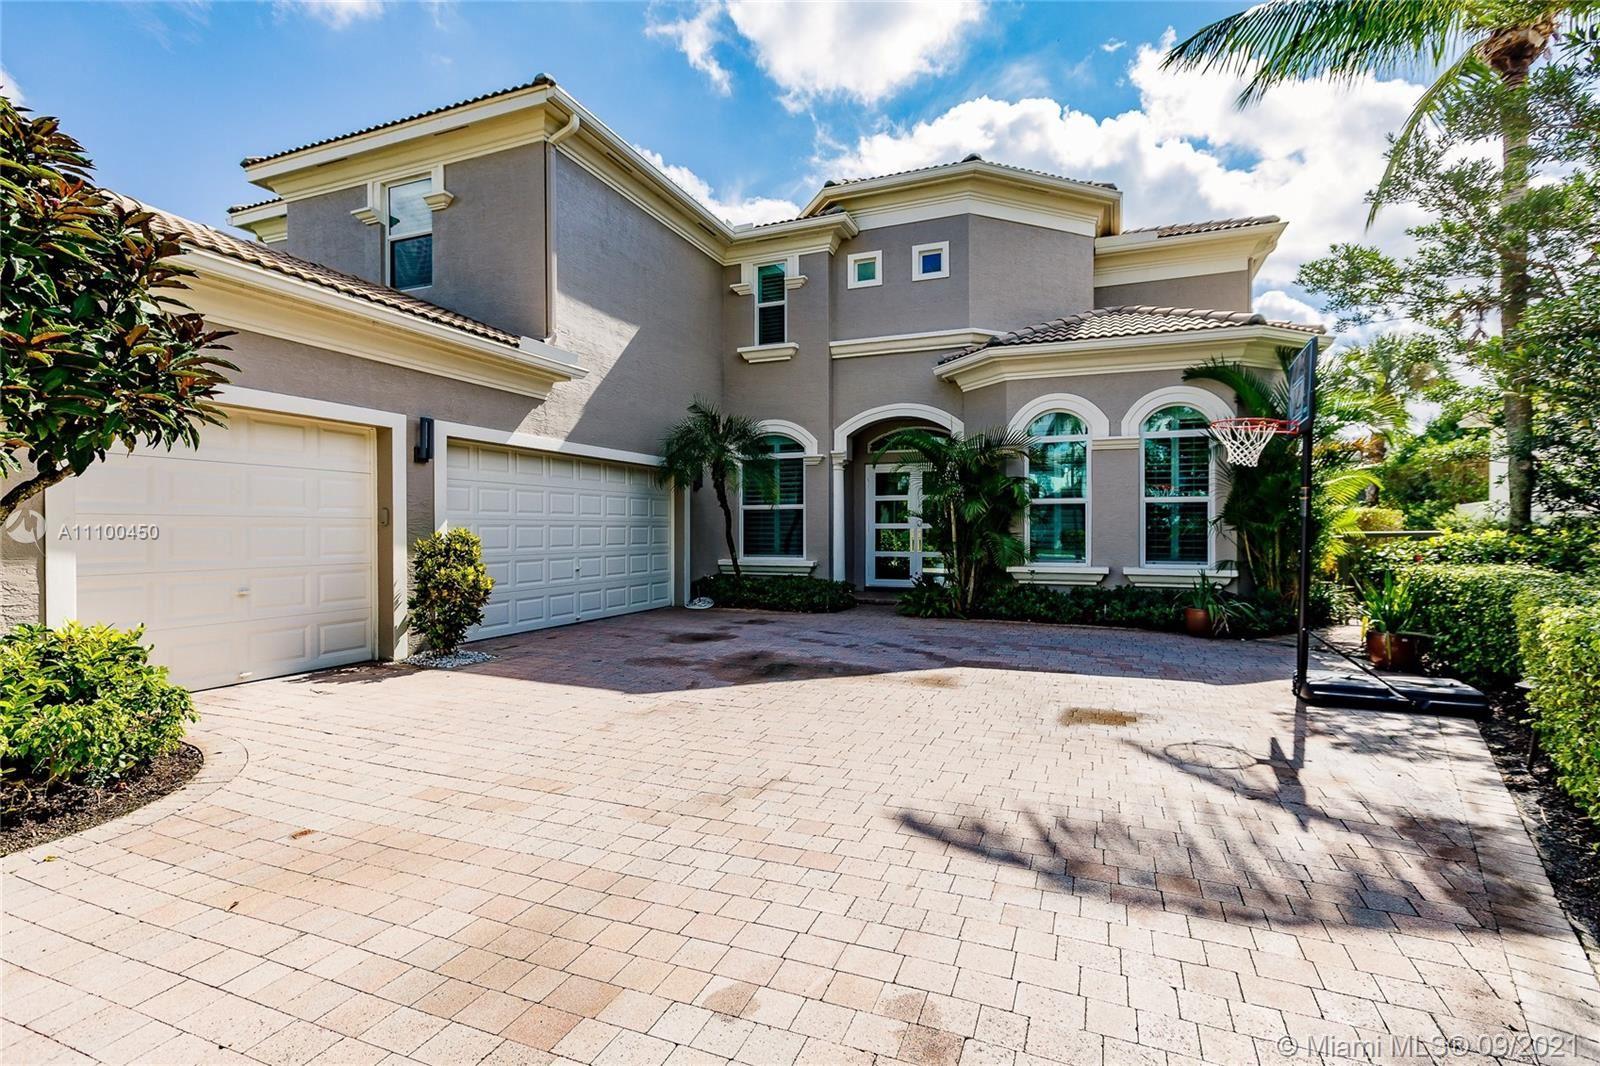 Photo of 405 Via Placita, Palm Beach Gardens, FL 33418 (MLS # A11100450)